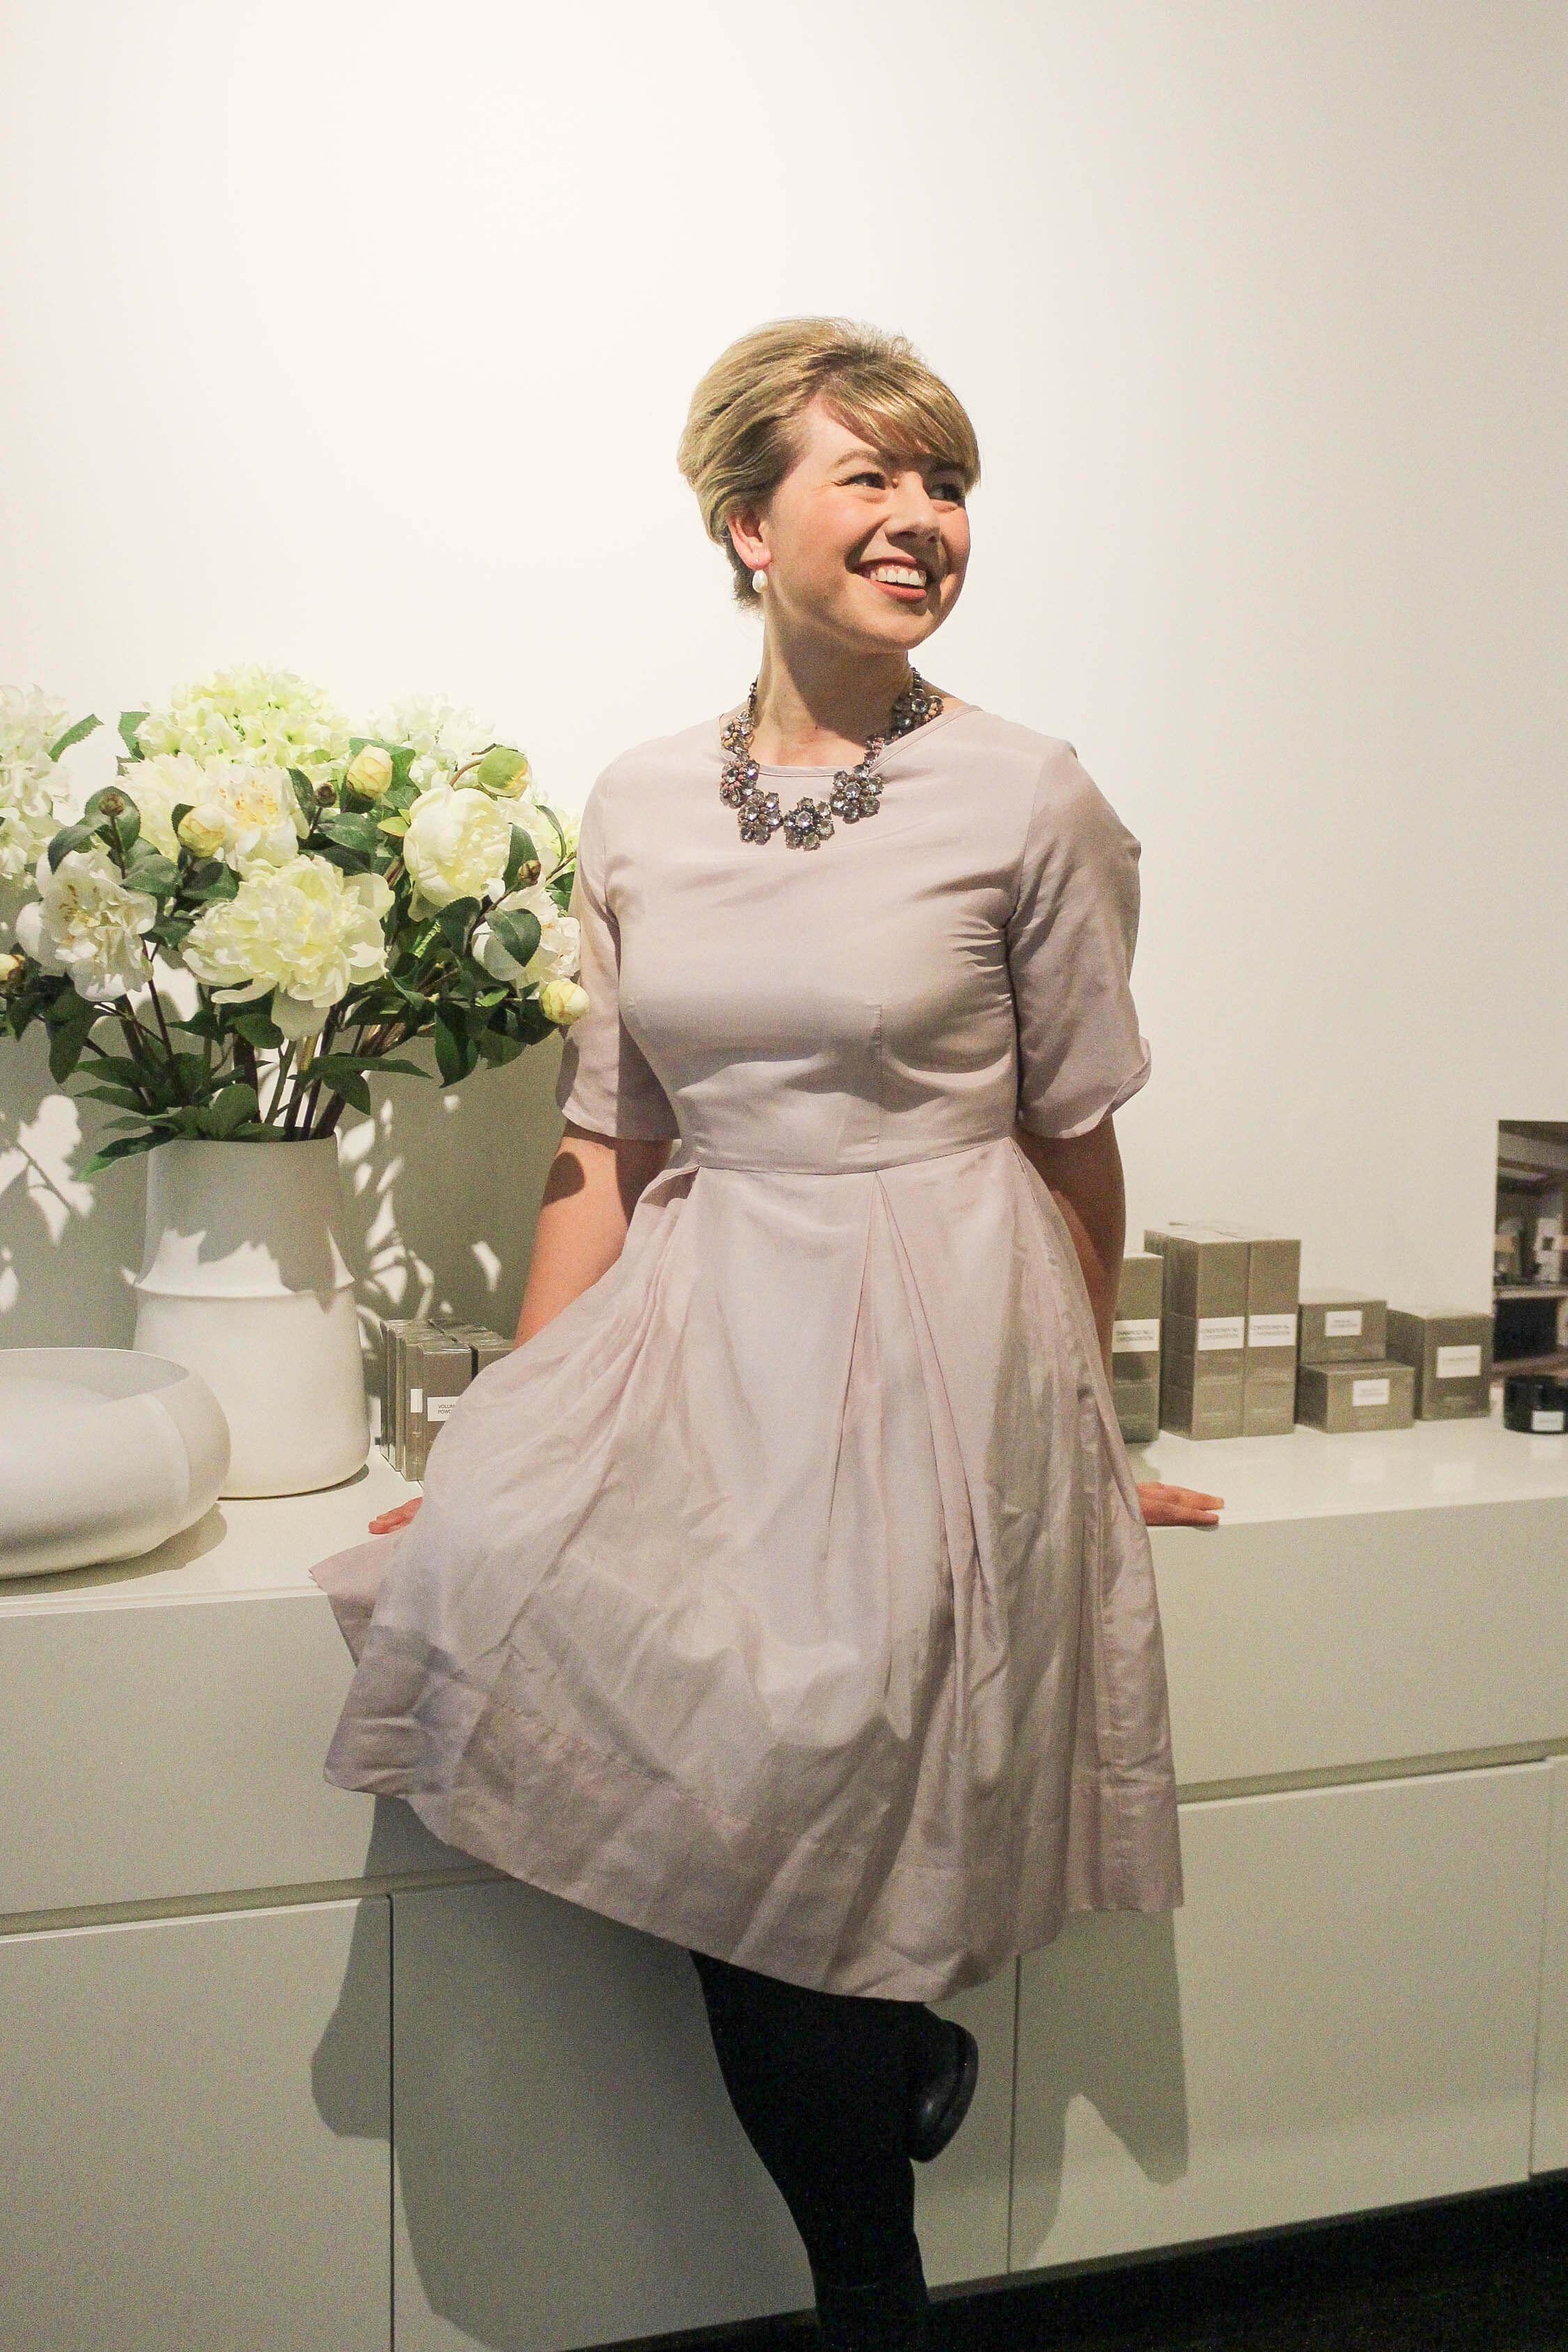 Wearing  The Jewel Dress from Wilson Trollope.